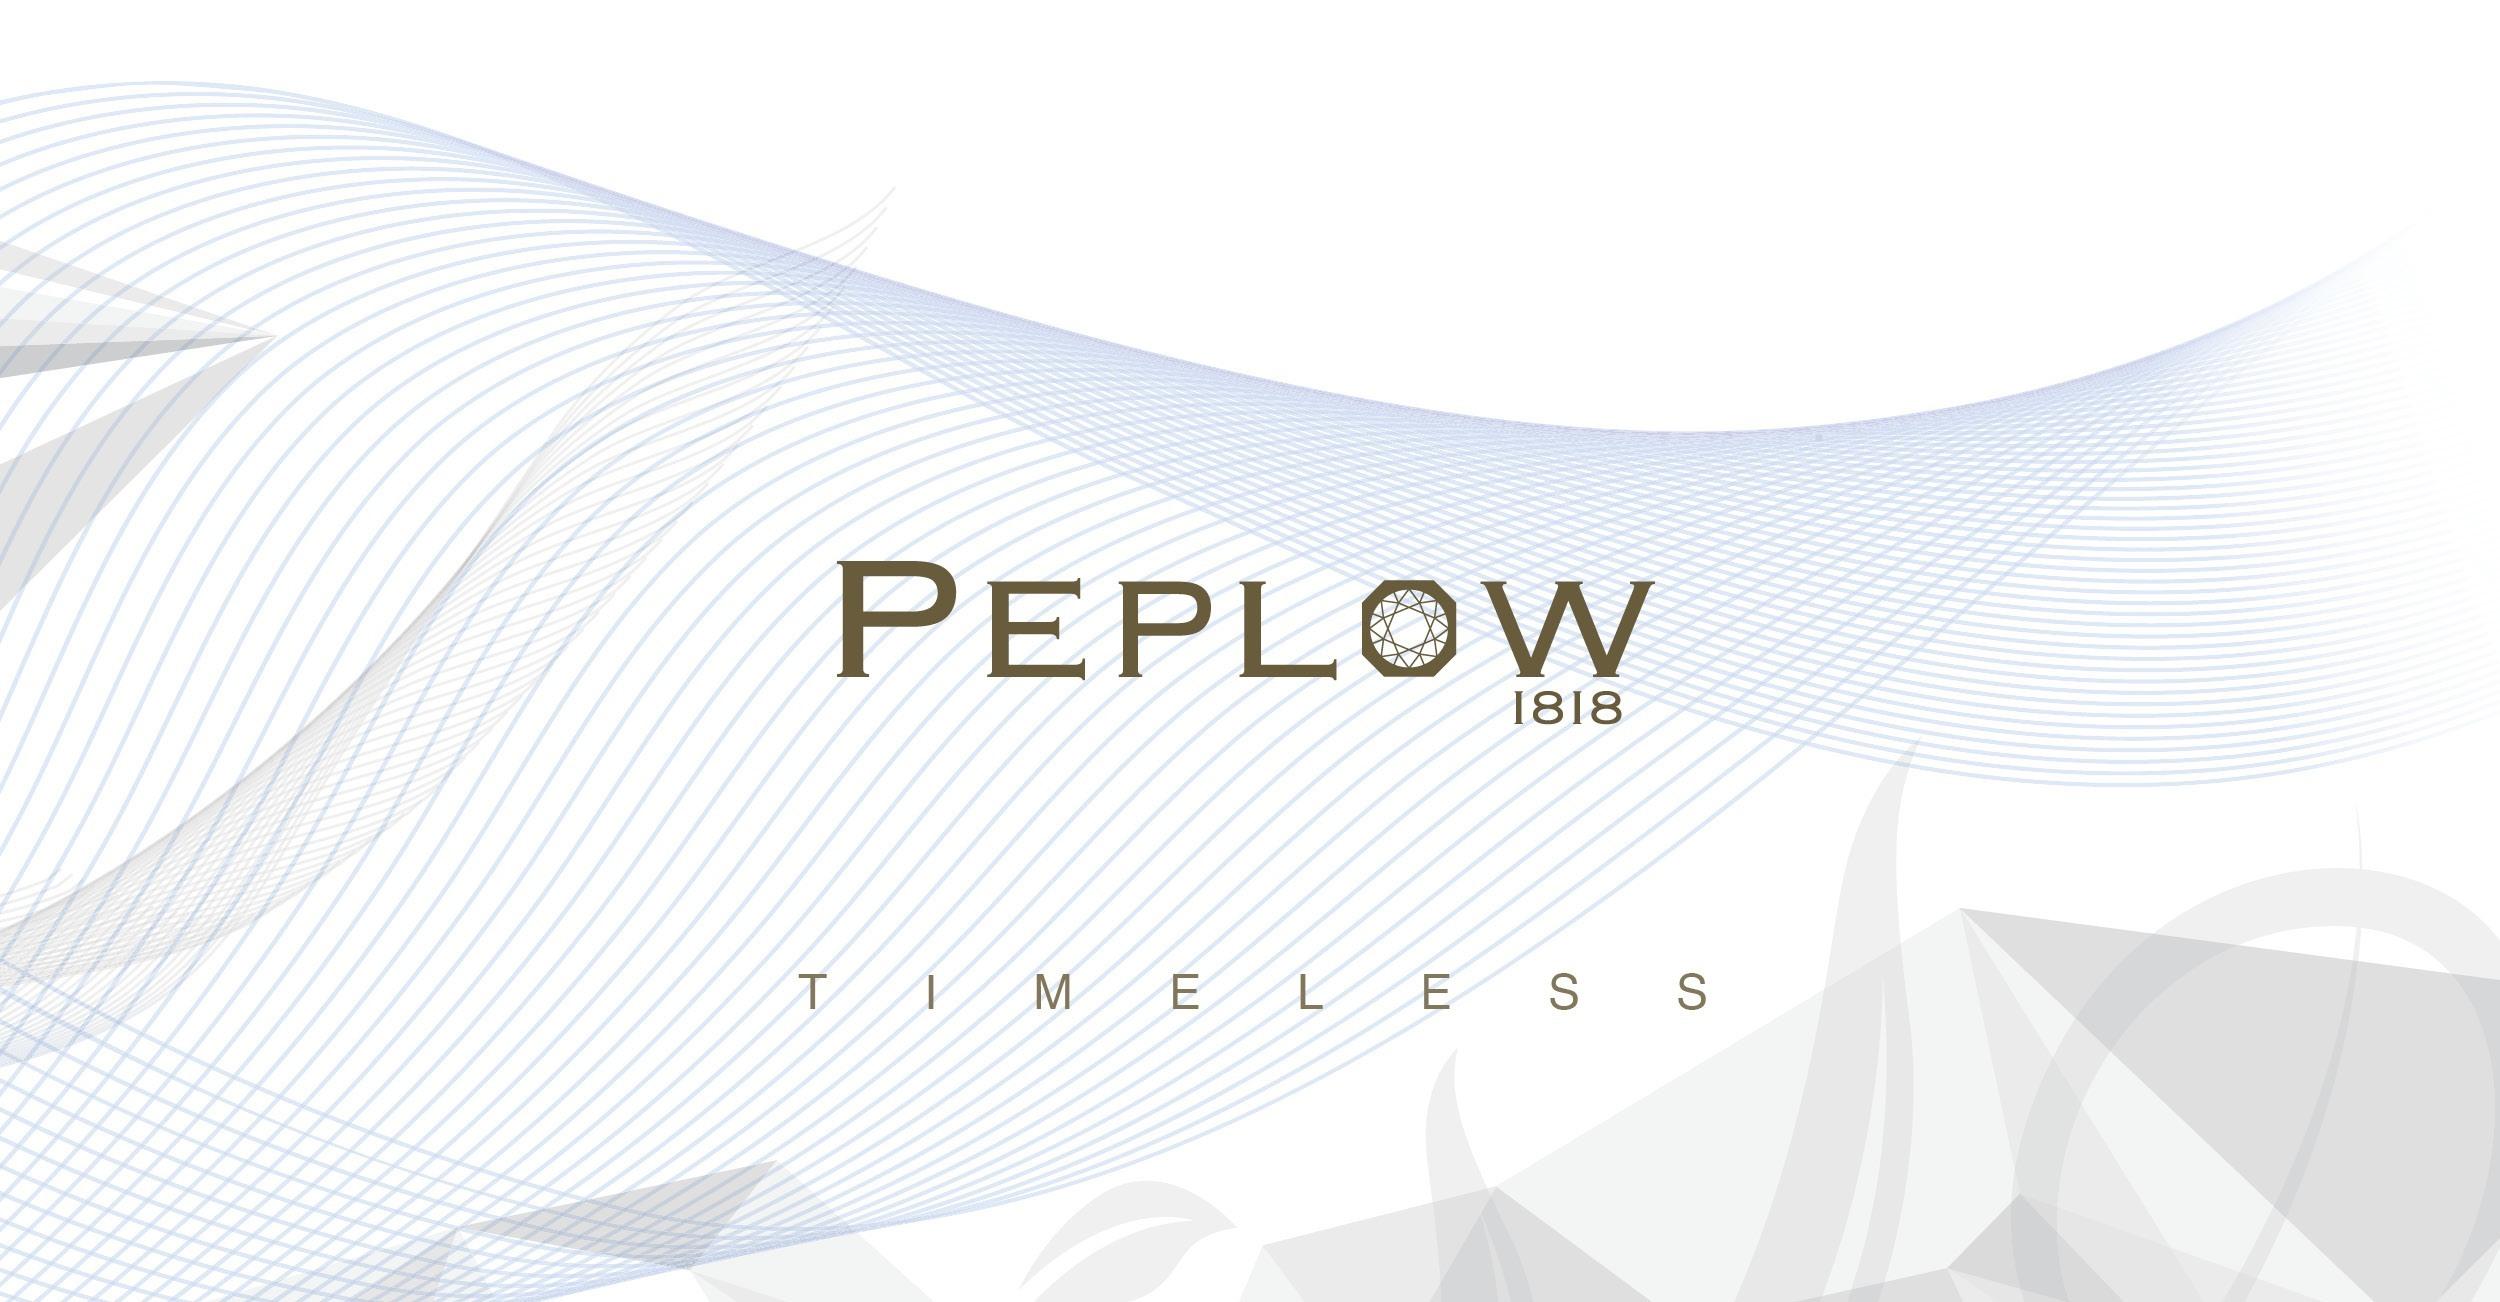 Peplow